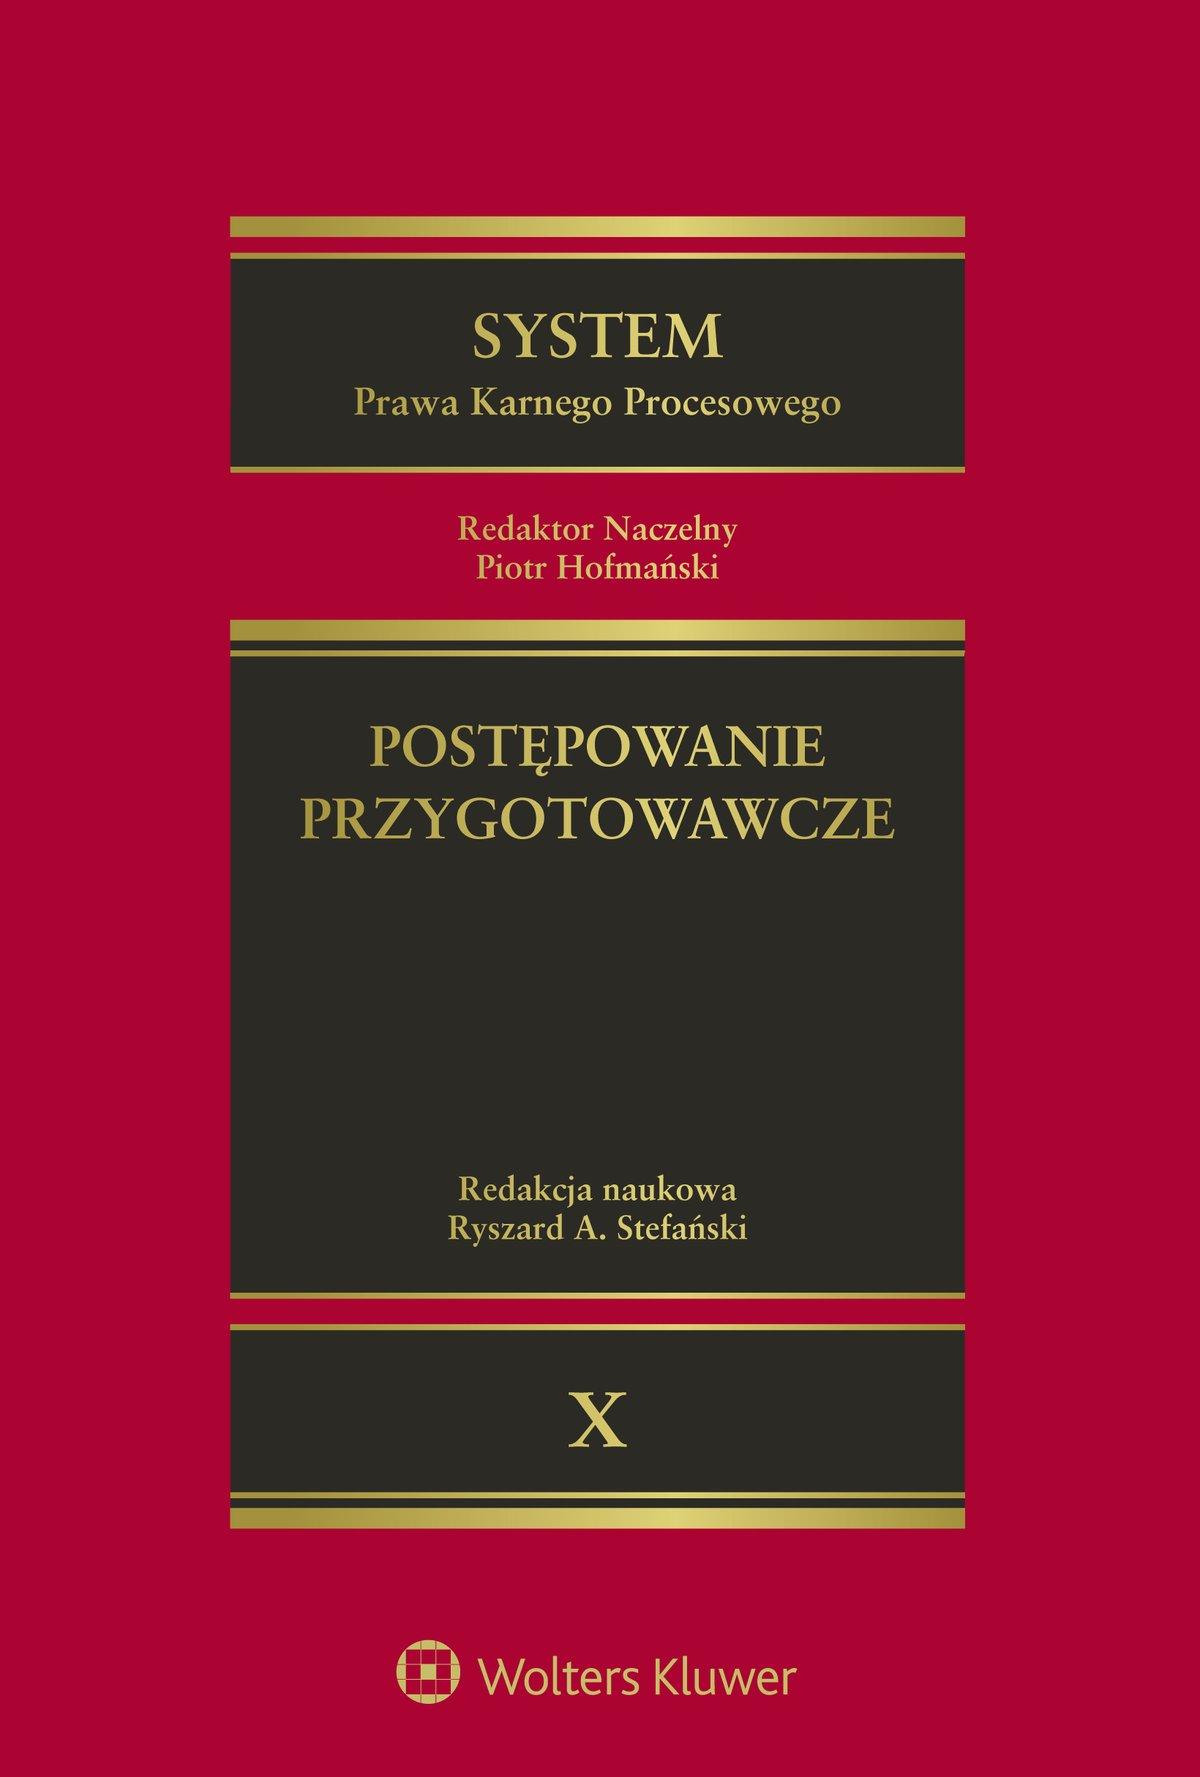 System Prawa Karnego Procesowego. Tom X. Postępowanie przygotowawcze - Ebook (Książka PDF) do pobrania w formacie PDF